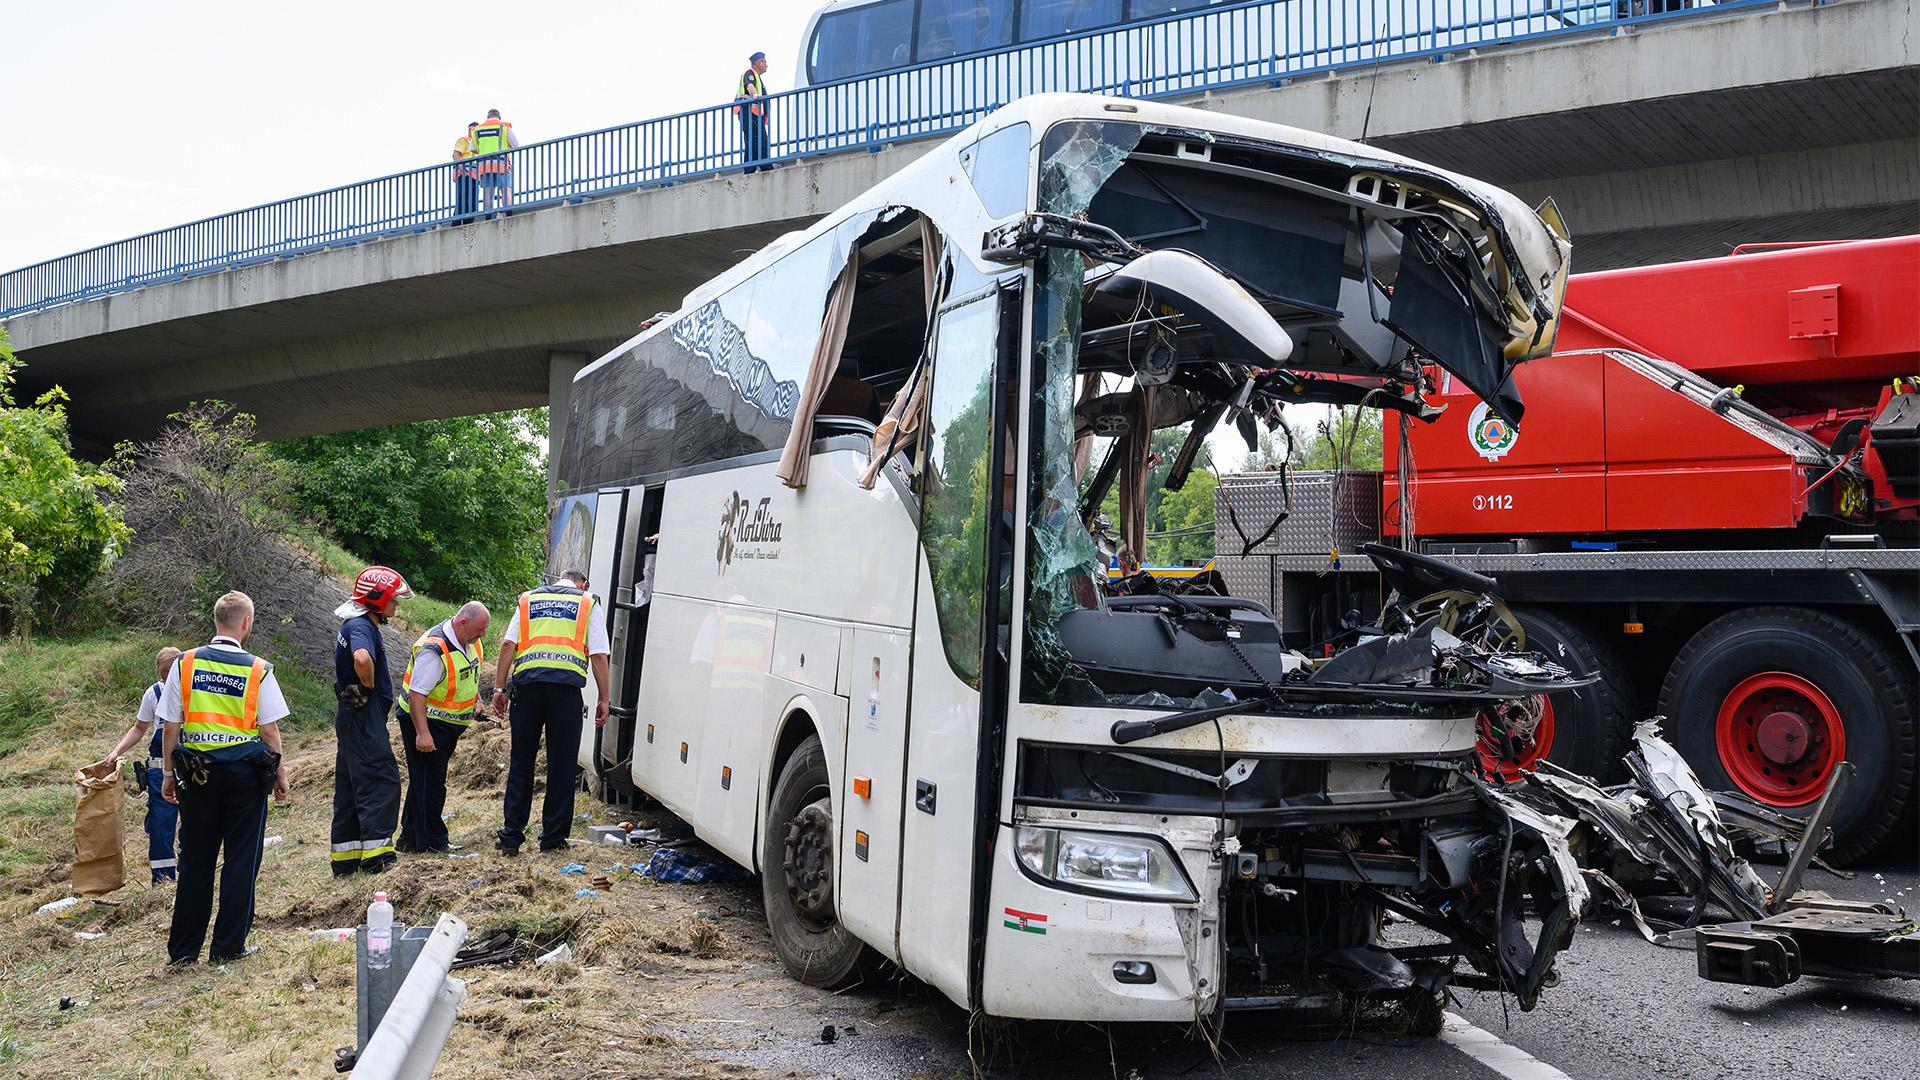 Meghalt az M7-es buszbaleset egy újabb sérültje